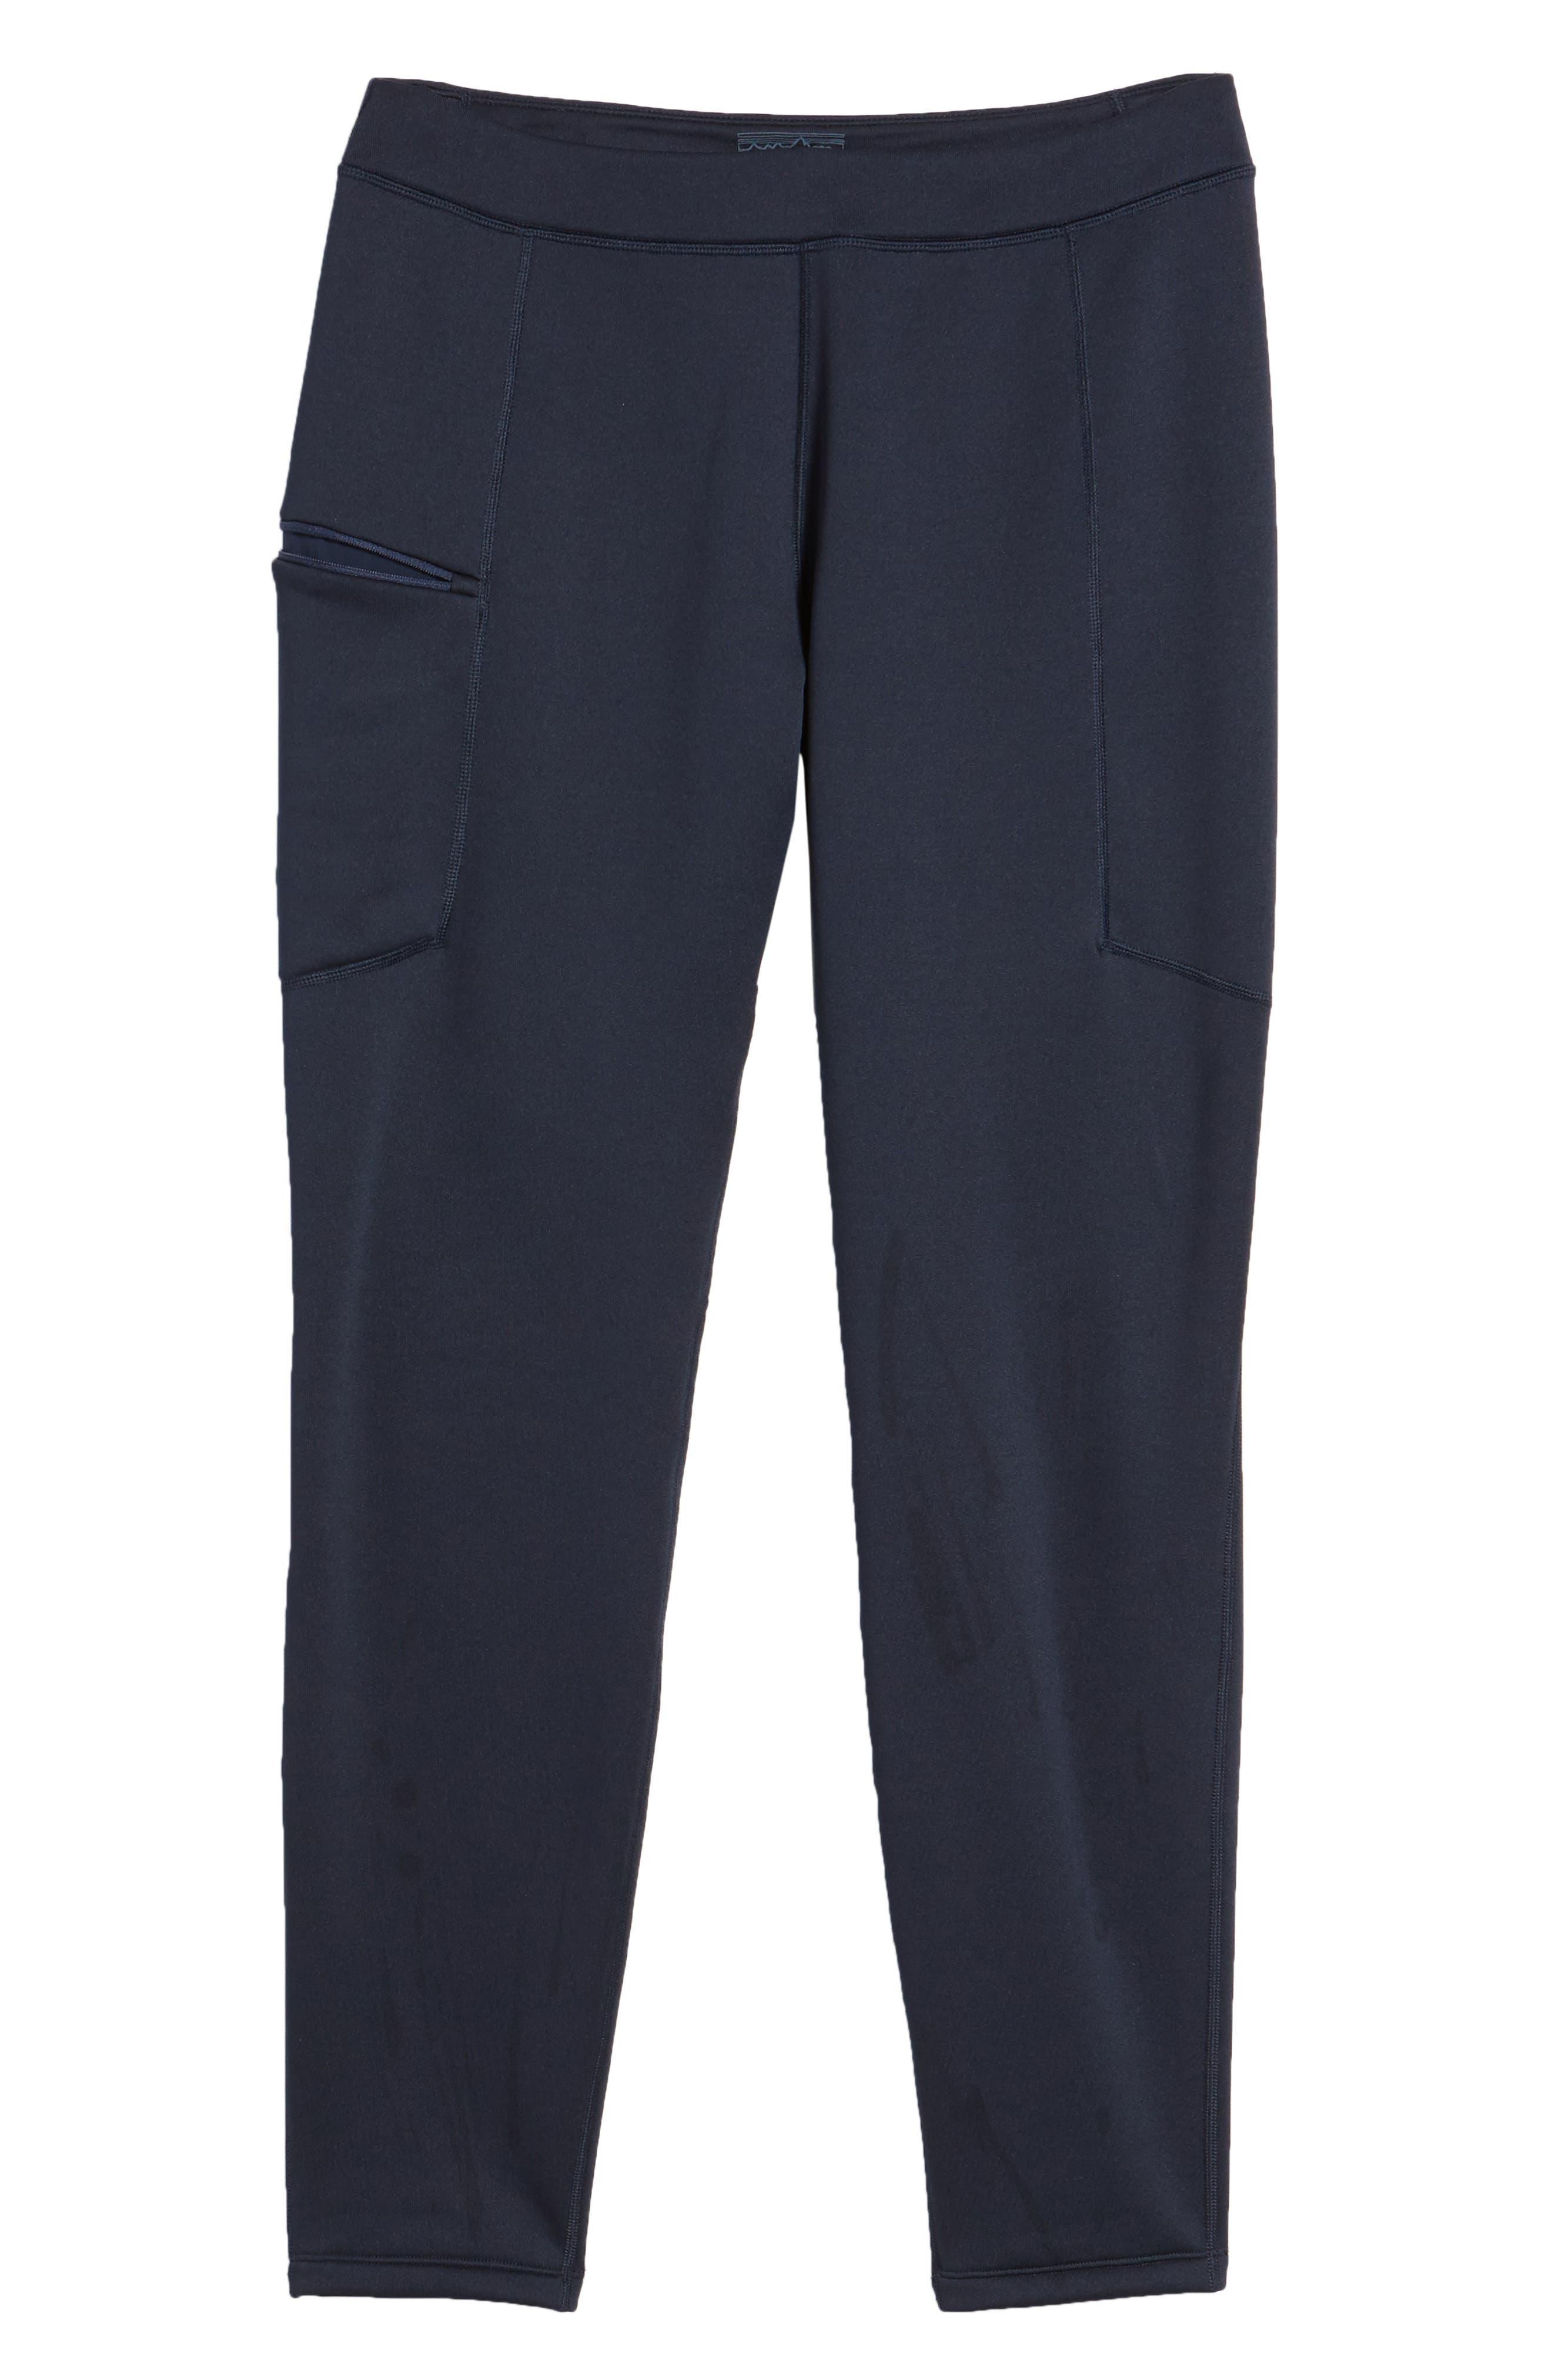 Crosstrek Pants,                             Alternate thumbnail 6, color,                             Navy Blue